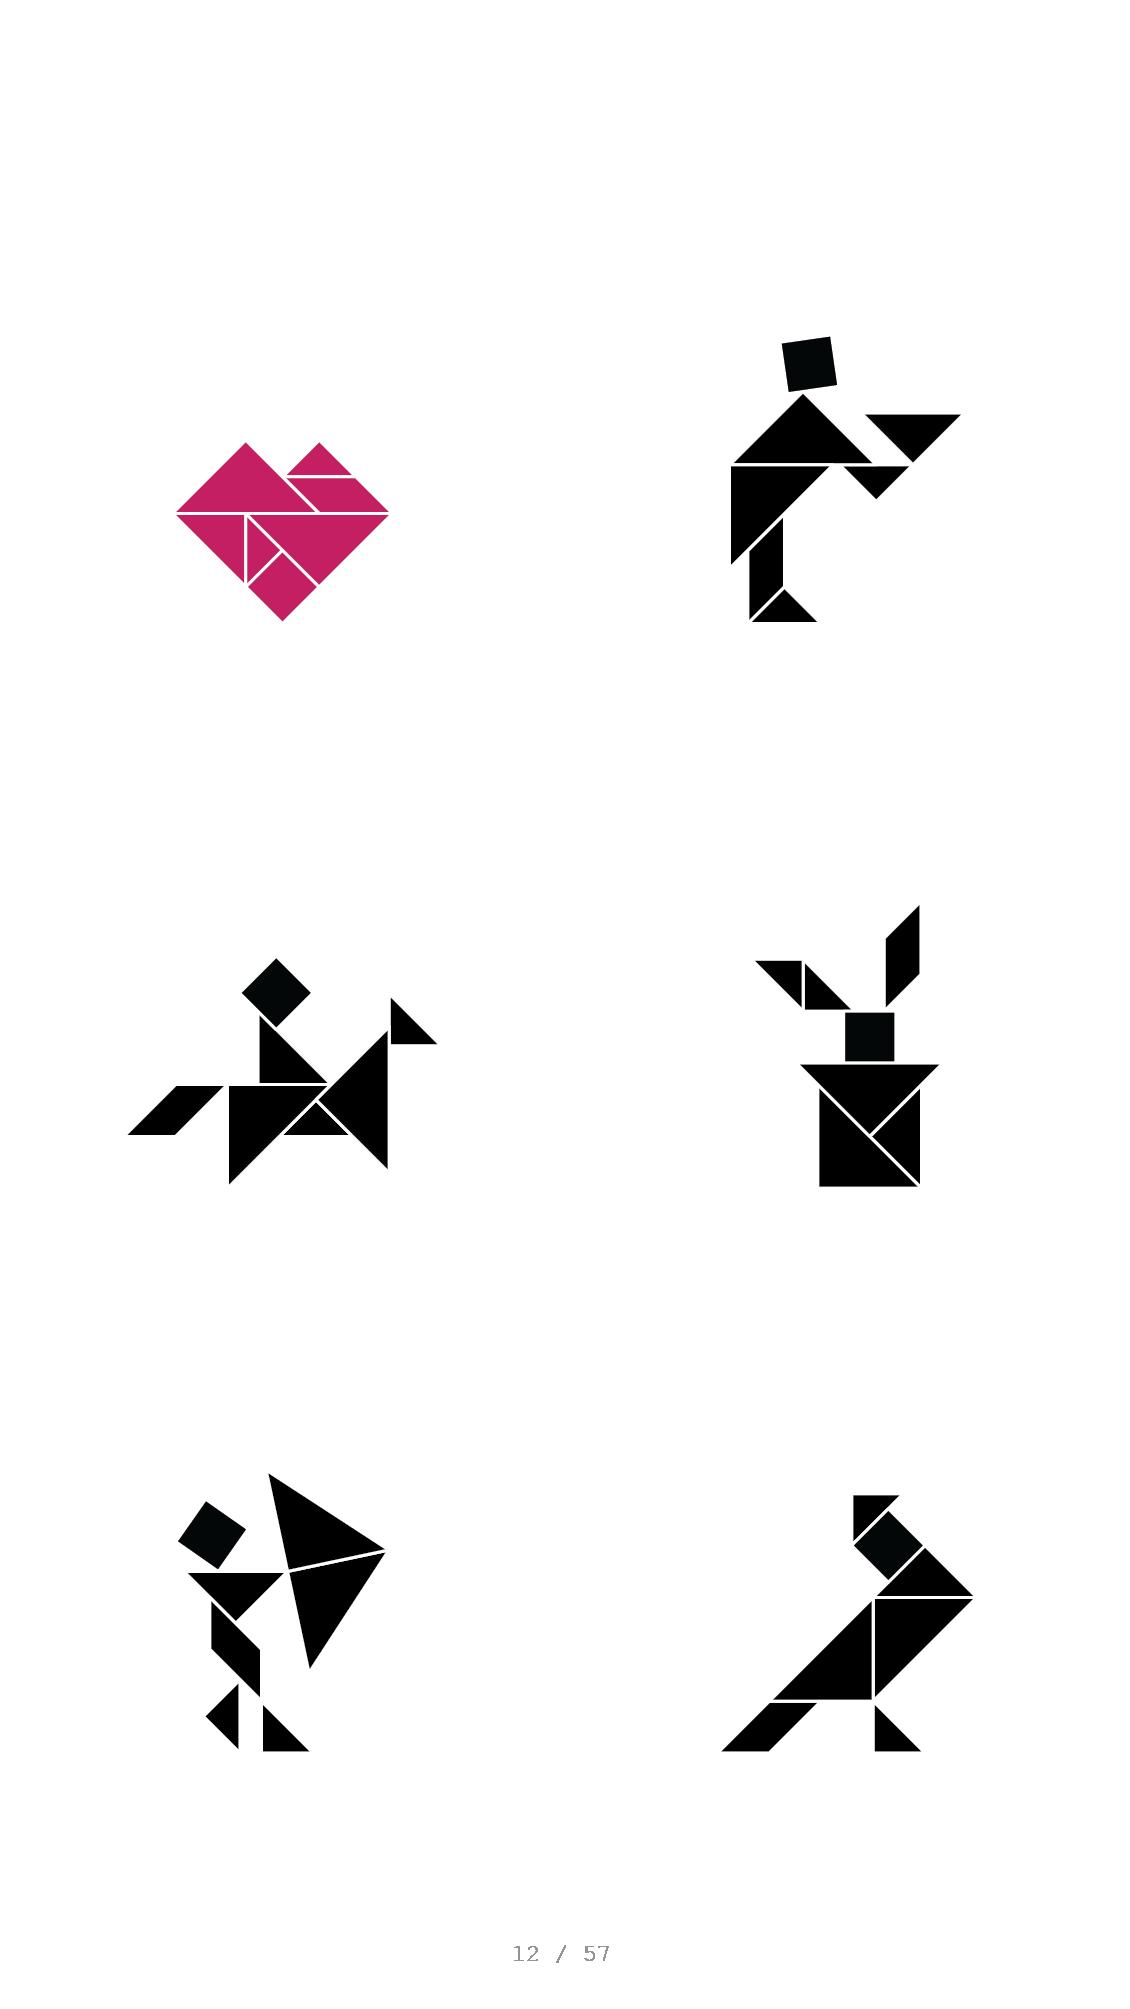 Tangram_Layout_2x3_schwarz-12